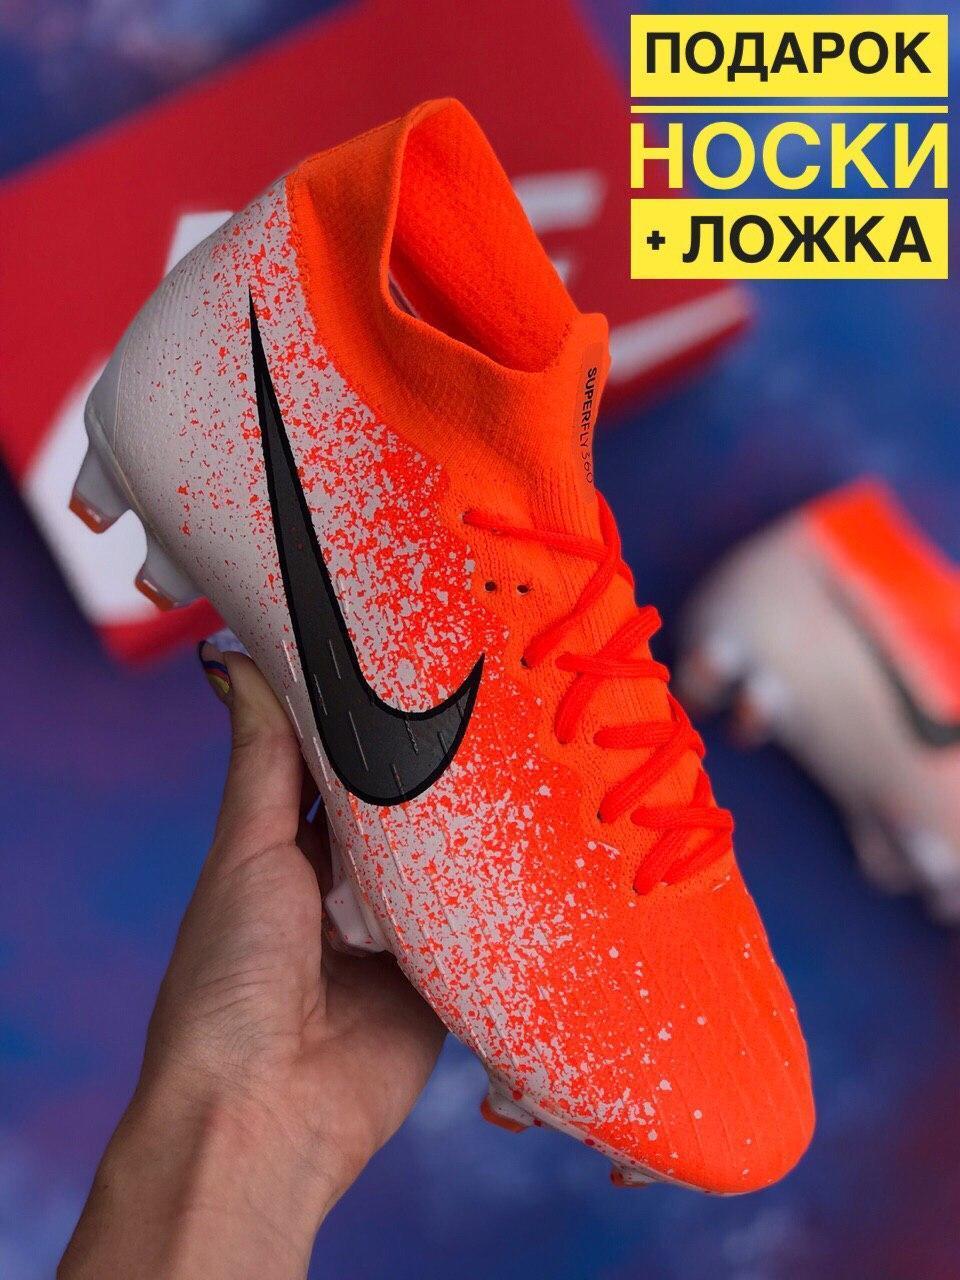 Бутси Nike Superfly 6 Elite FG JR/копи/найк суперфлай(репліка)